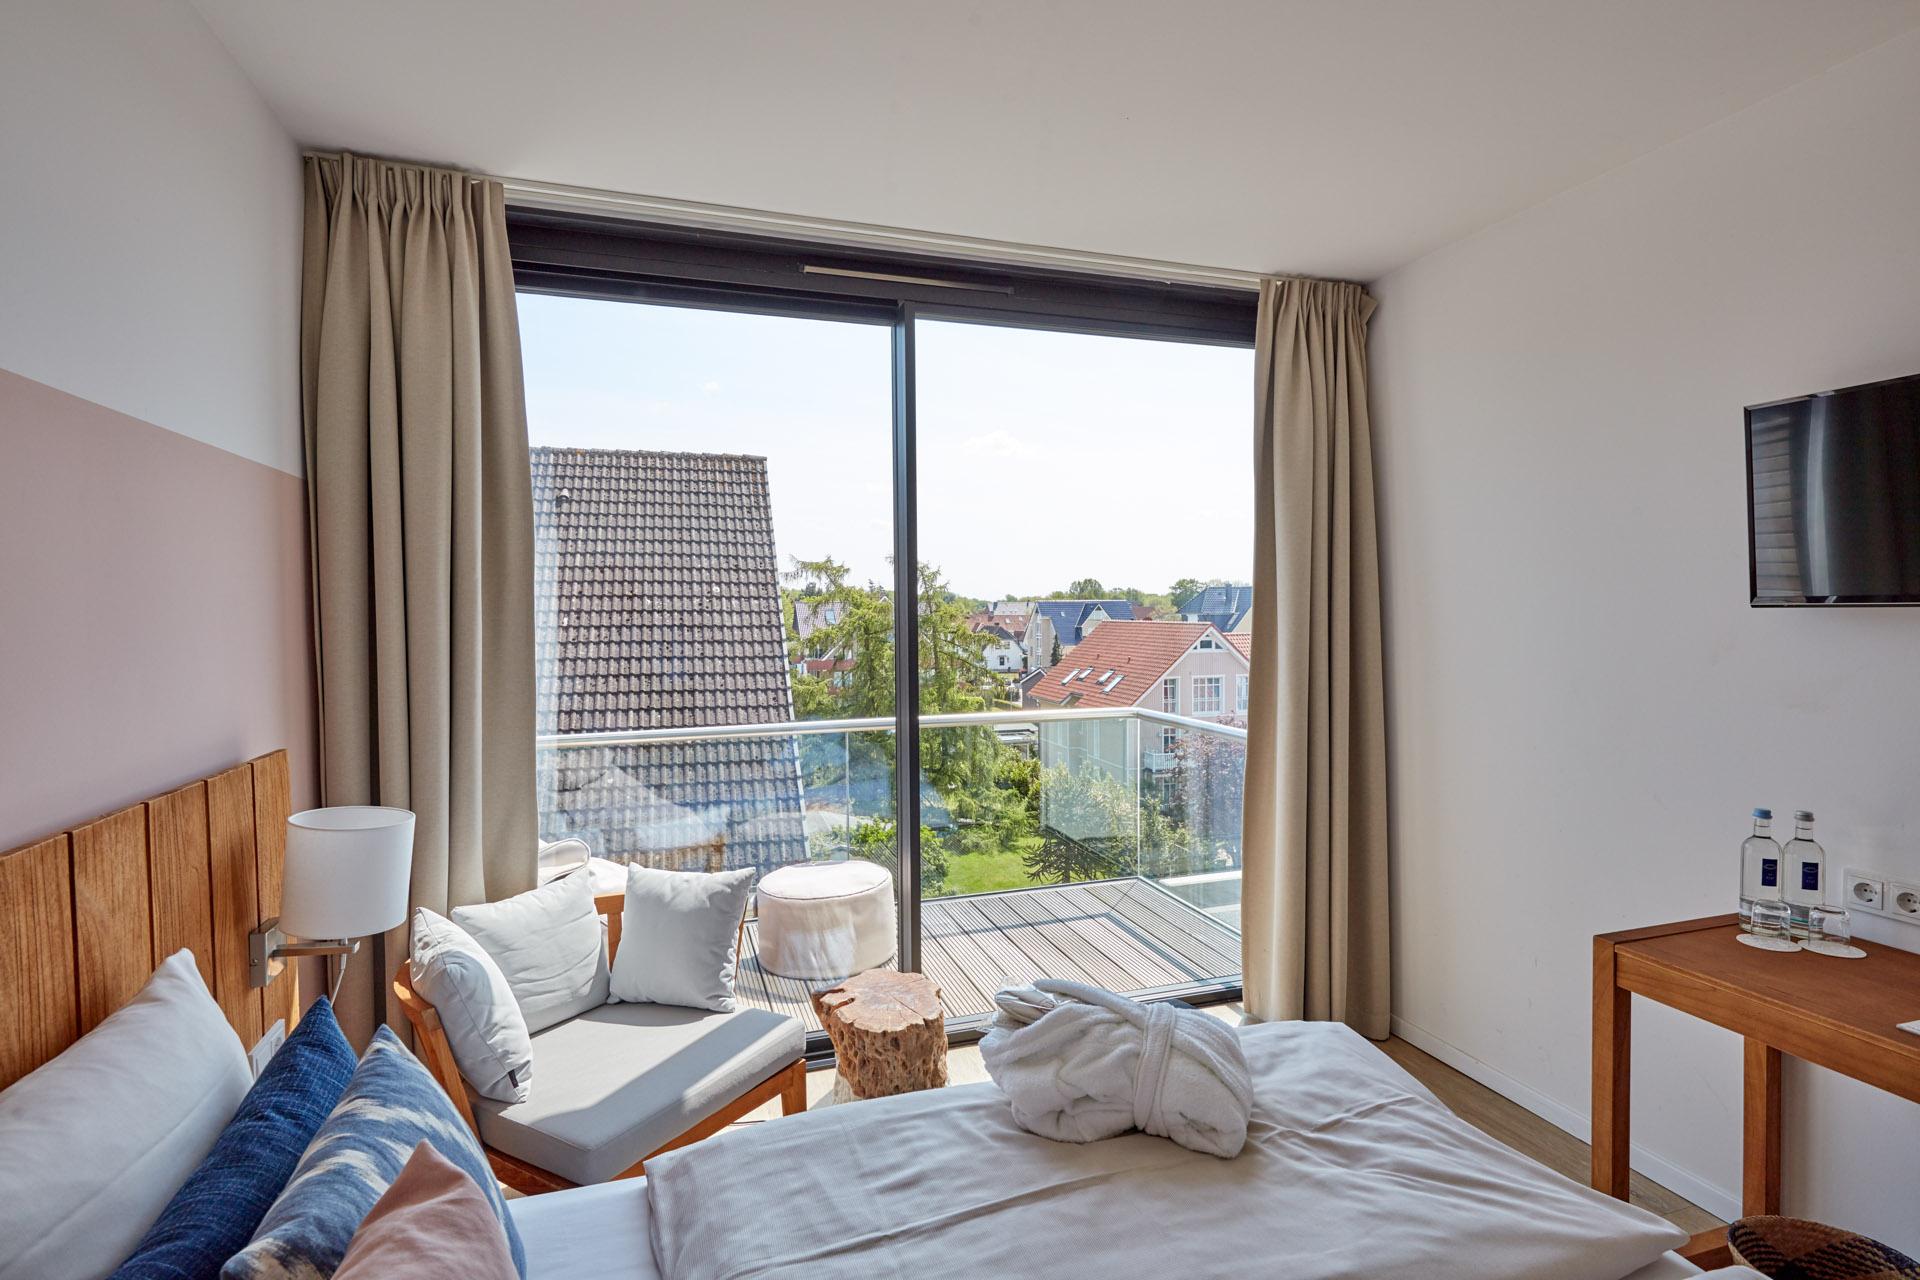 Hotel SAND - Zimmerbeispiel